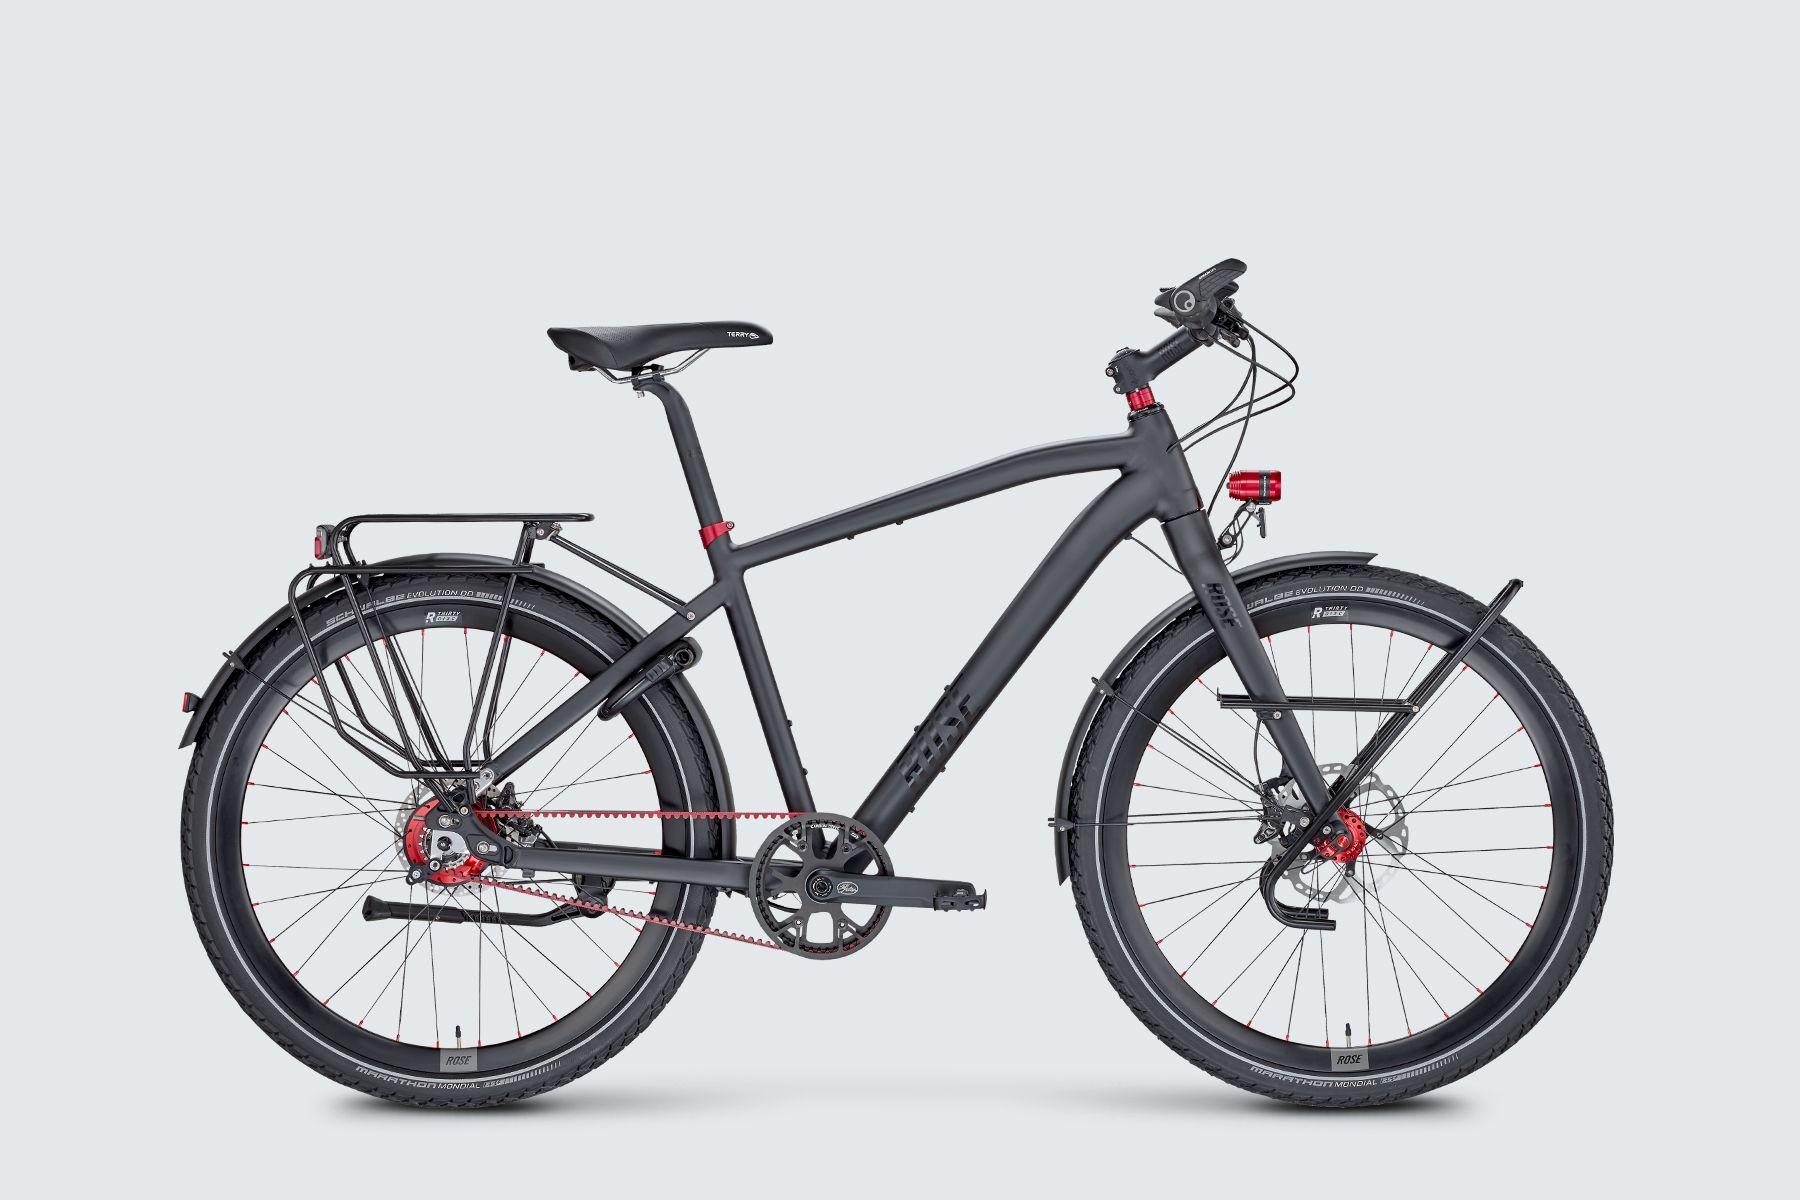 bici da cicloturismo Rose Activa Pro